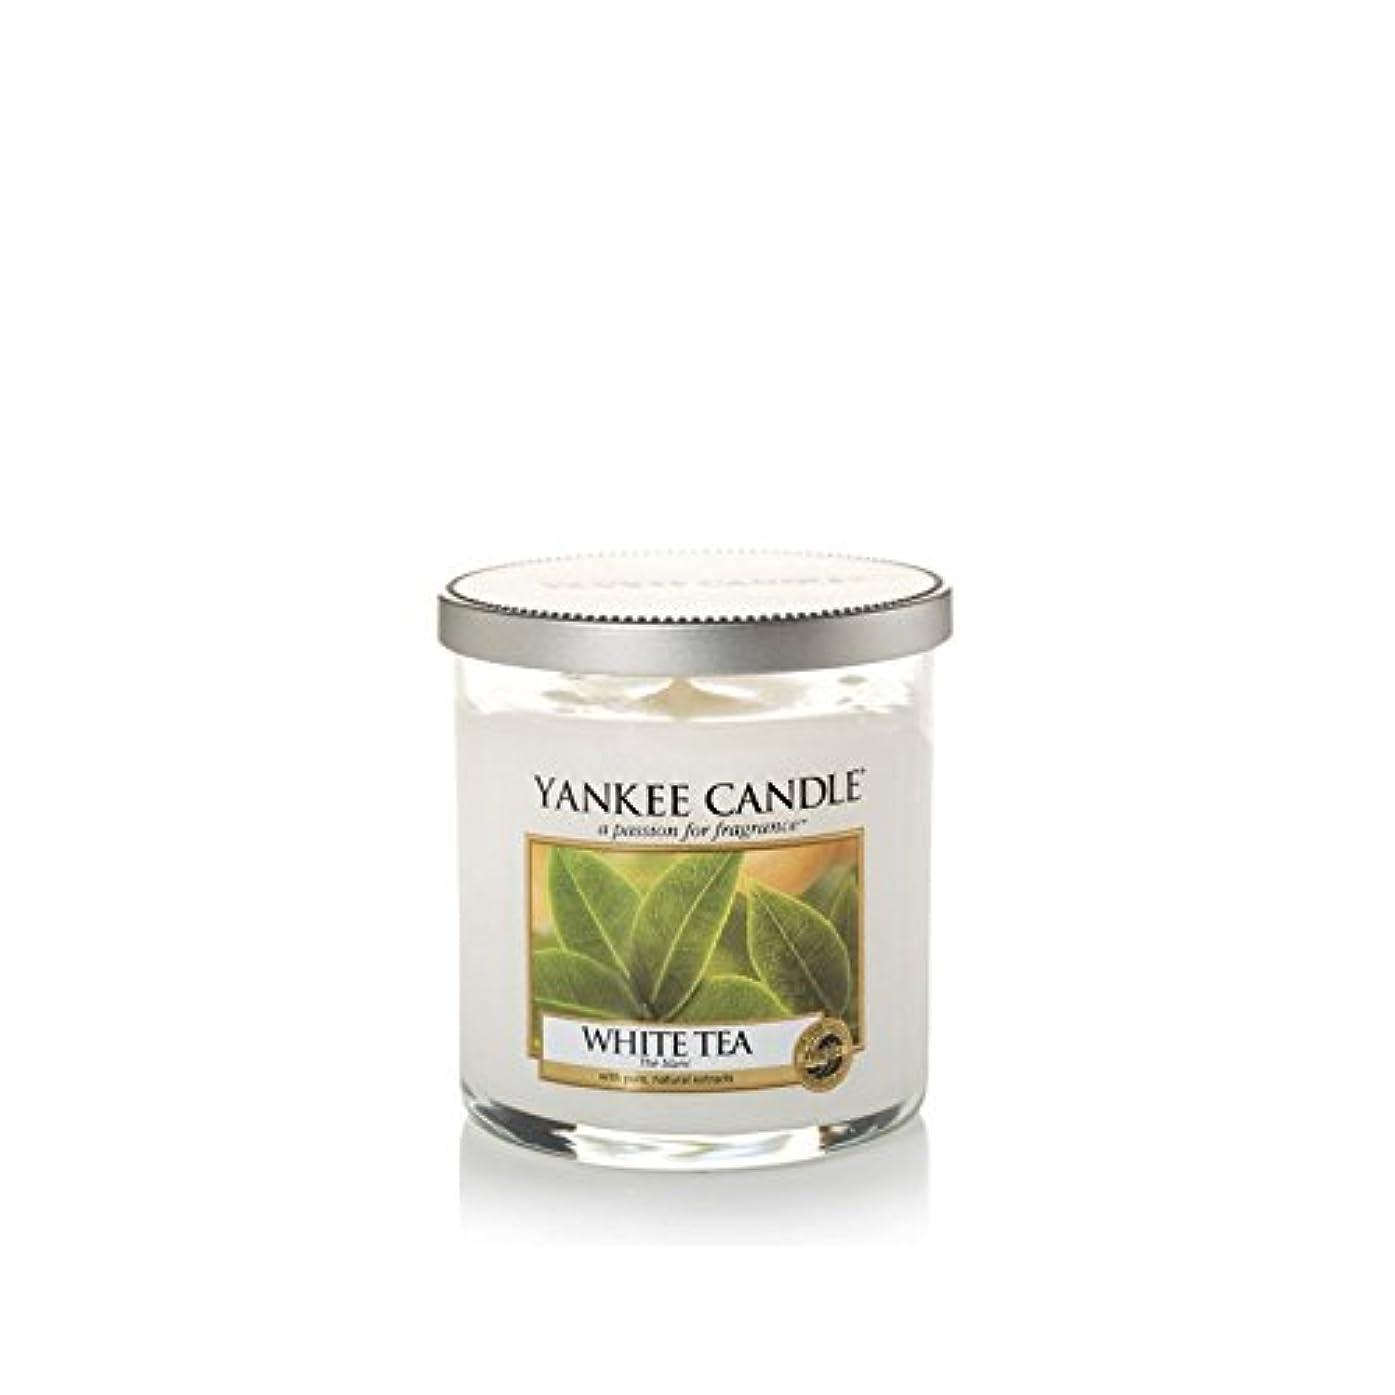 いうグリースモンキーヤンキーキャンドルの小さな柱キャンドル - ホワイトティー - Yankee Candles Small Pillar Candle - White Tea (Yankee Candles) [並行輸入品]